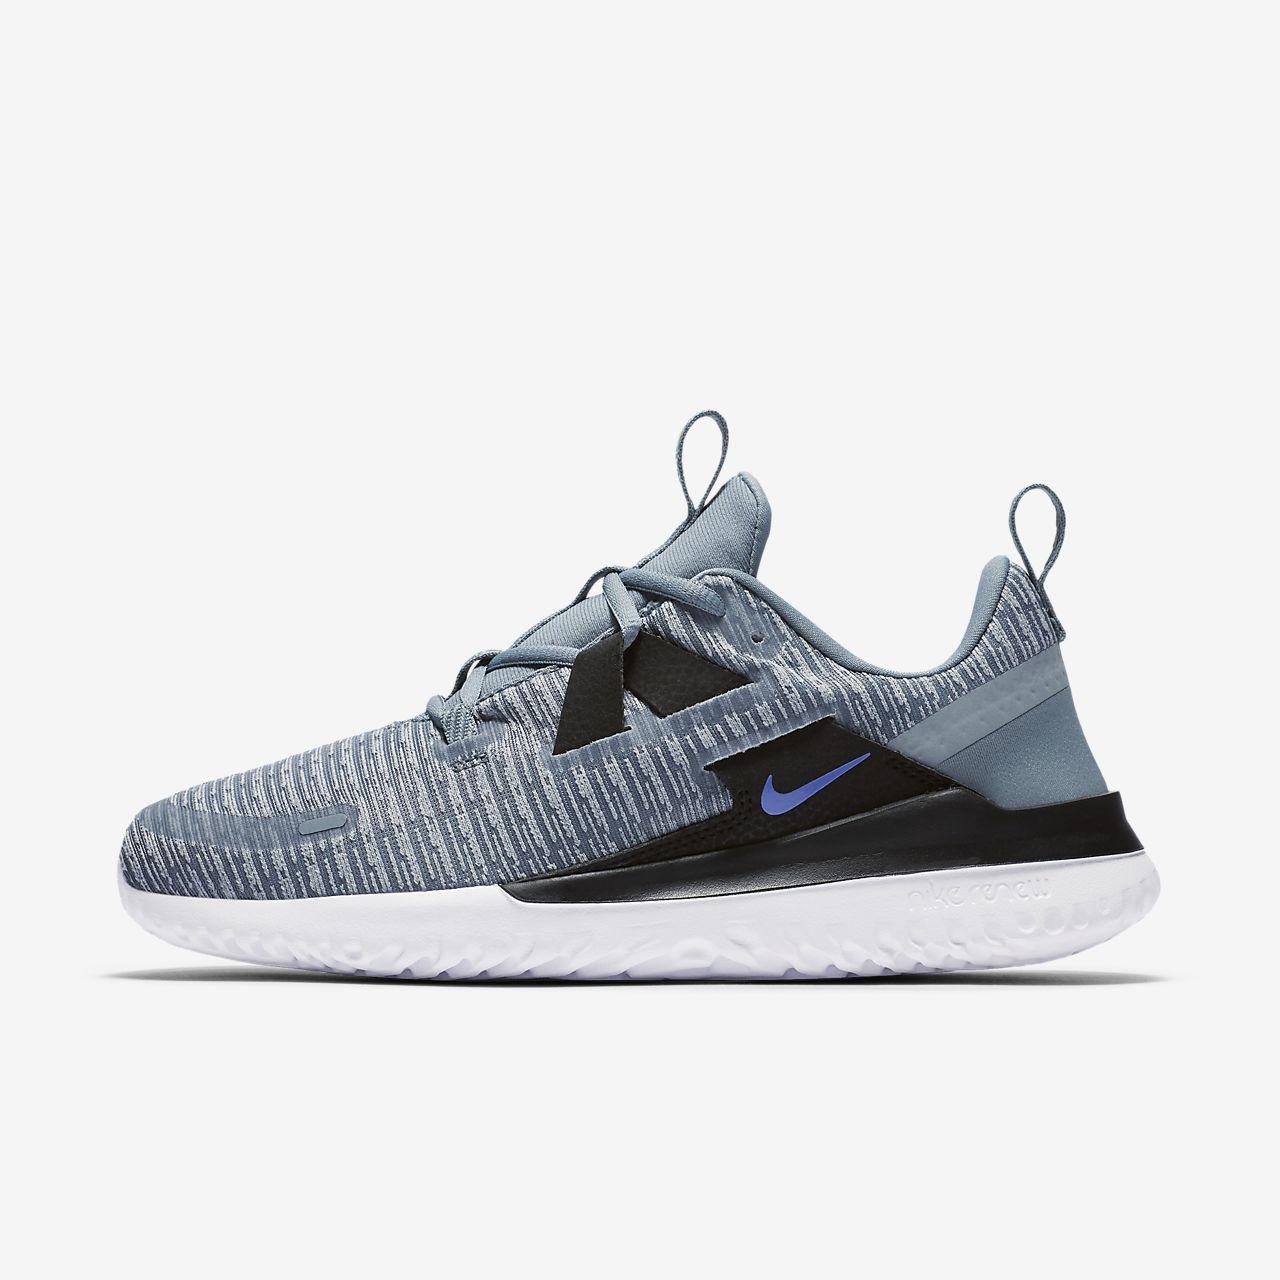 รองเท้าวิ่งผู้หญิง Nike Renew Arena